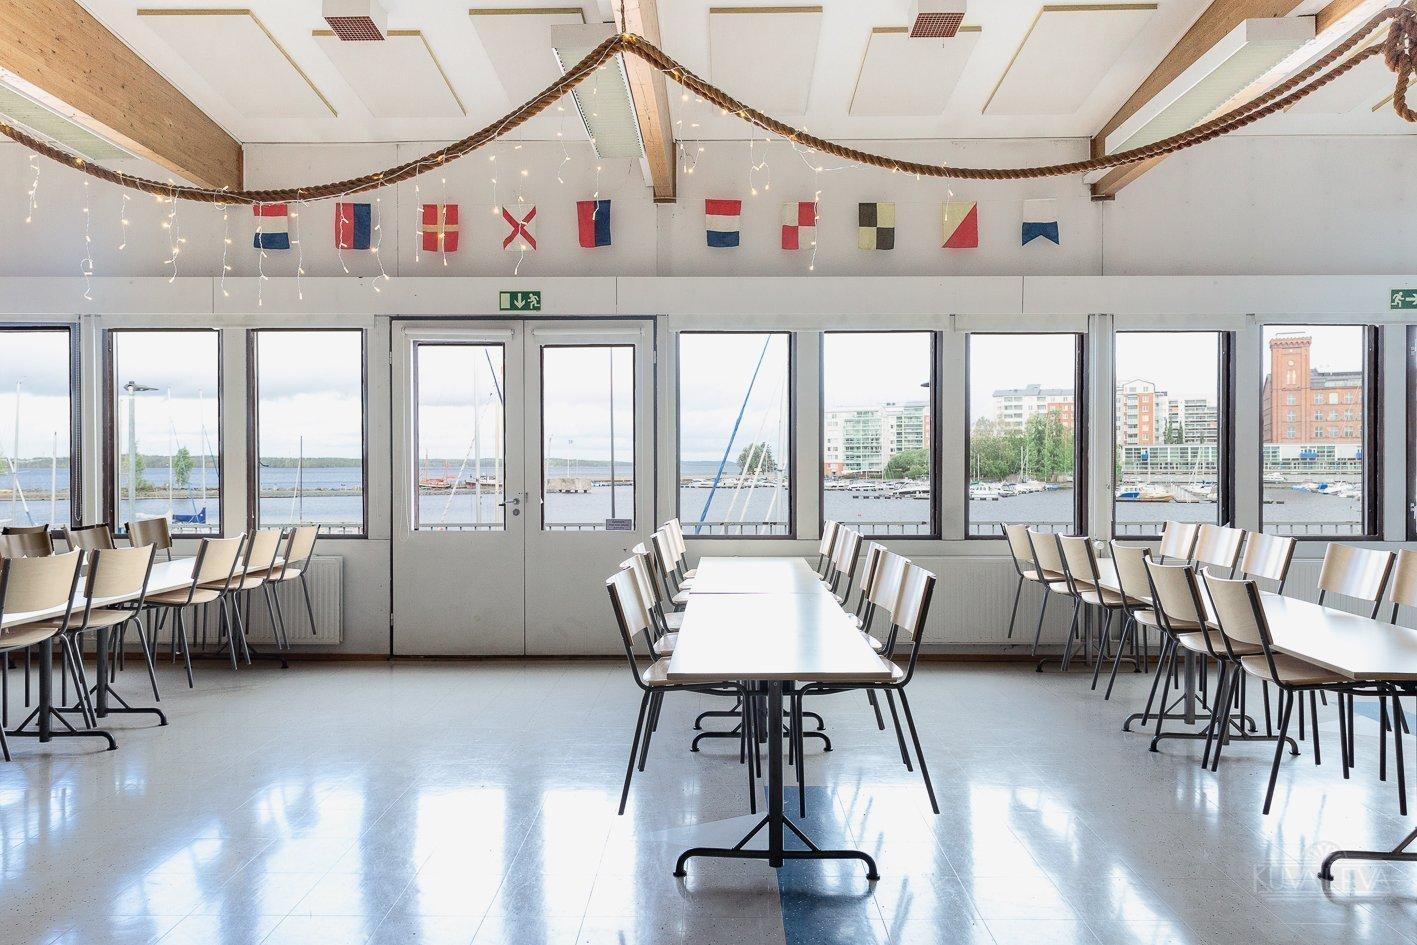 Juhlatila avaa ikkunoistaan upean järvimaiseman Näsijärvelle Tampereella